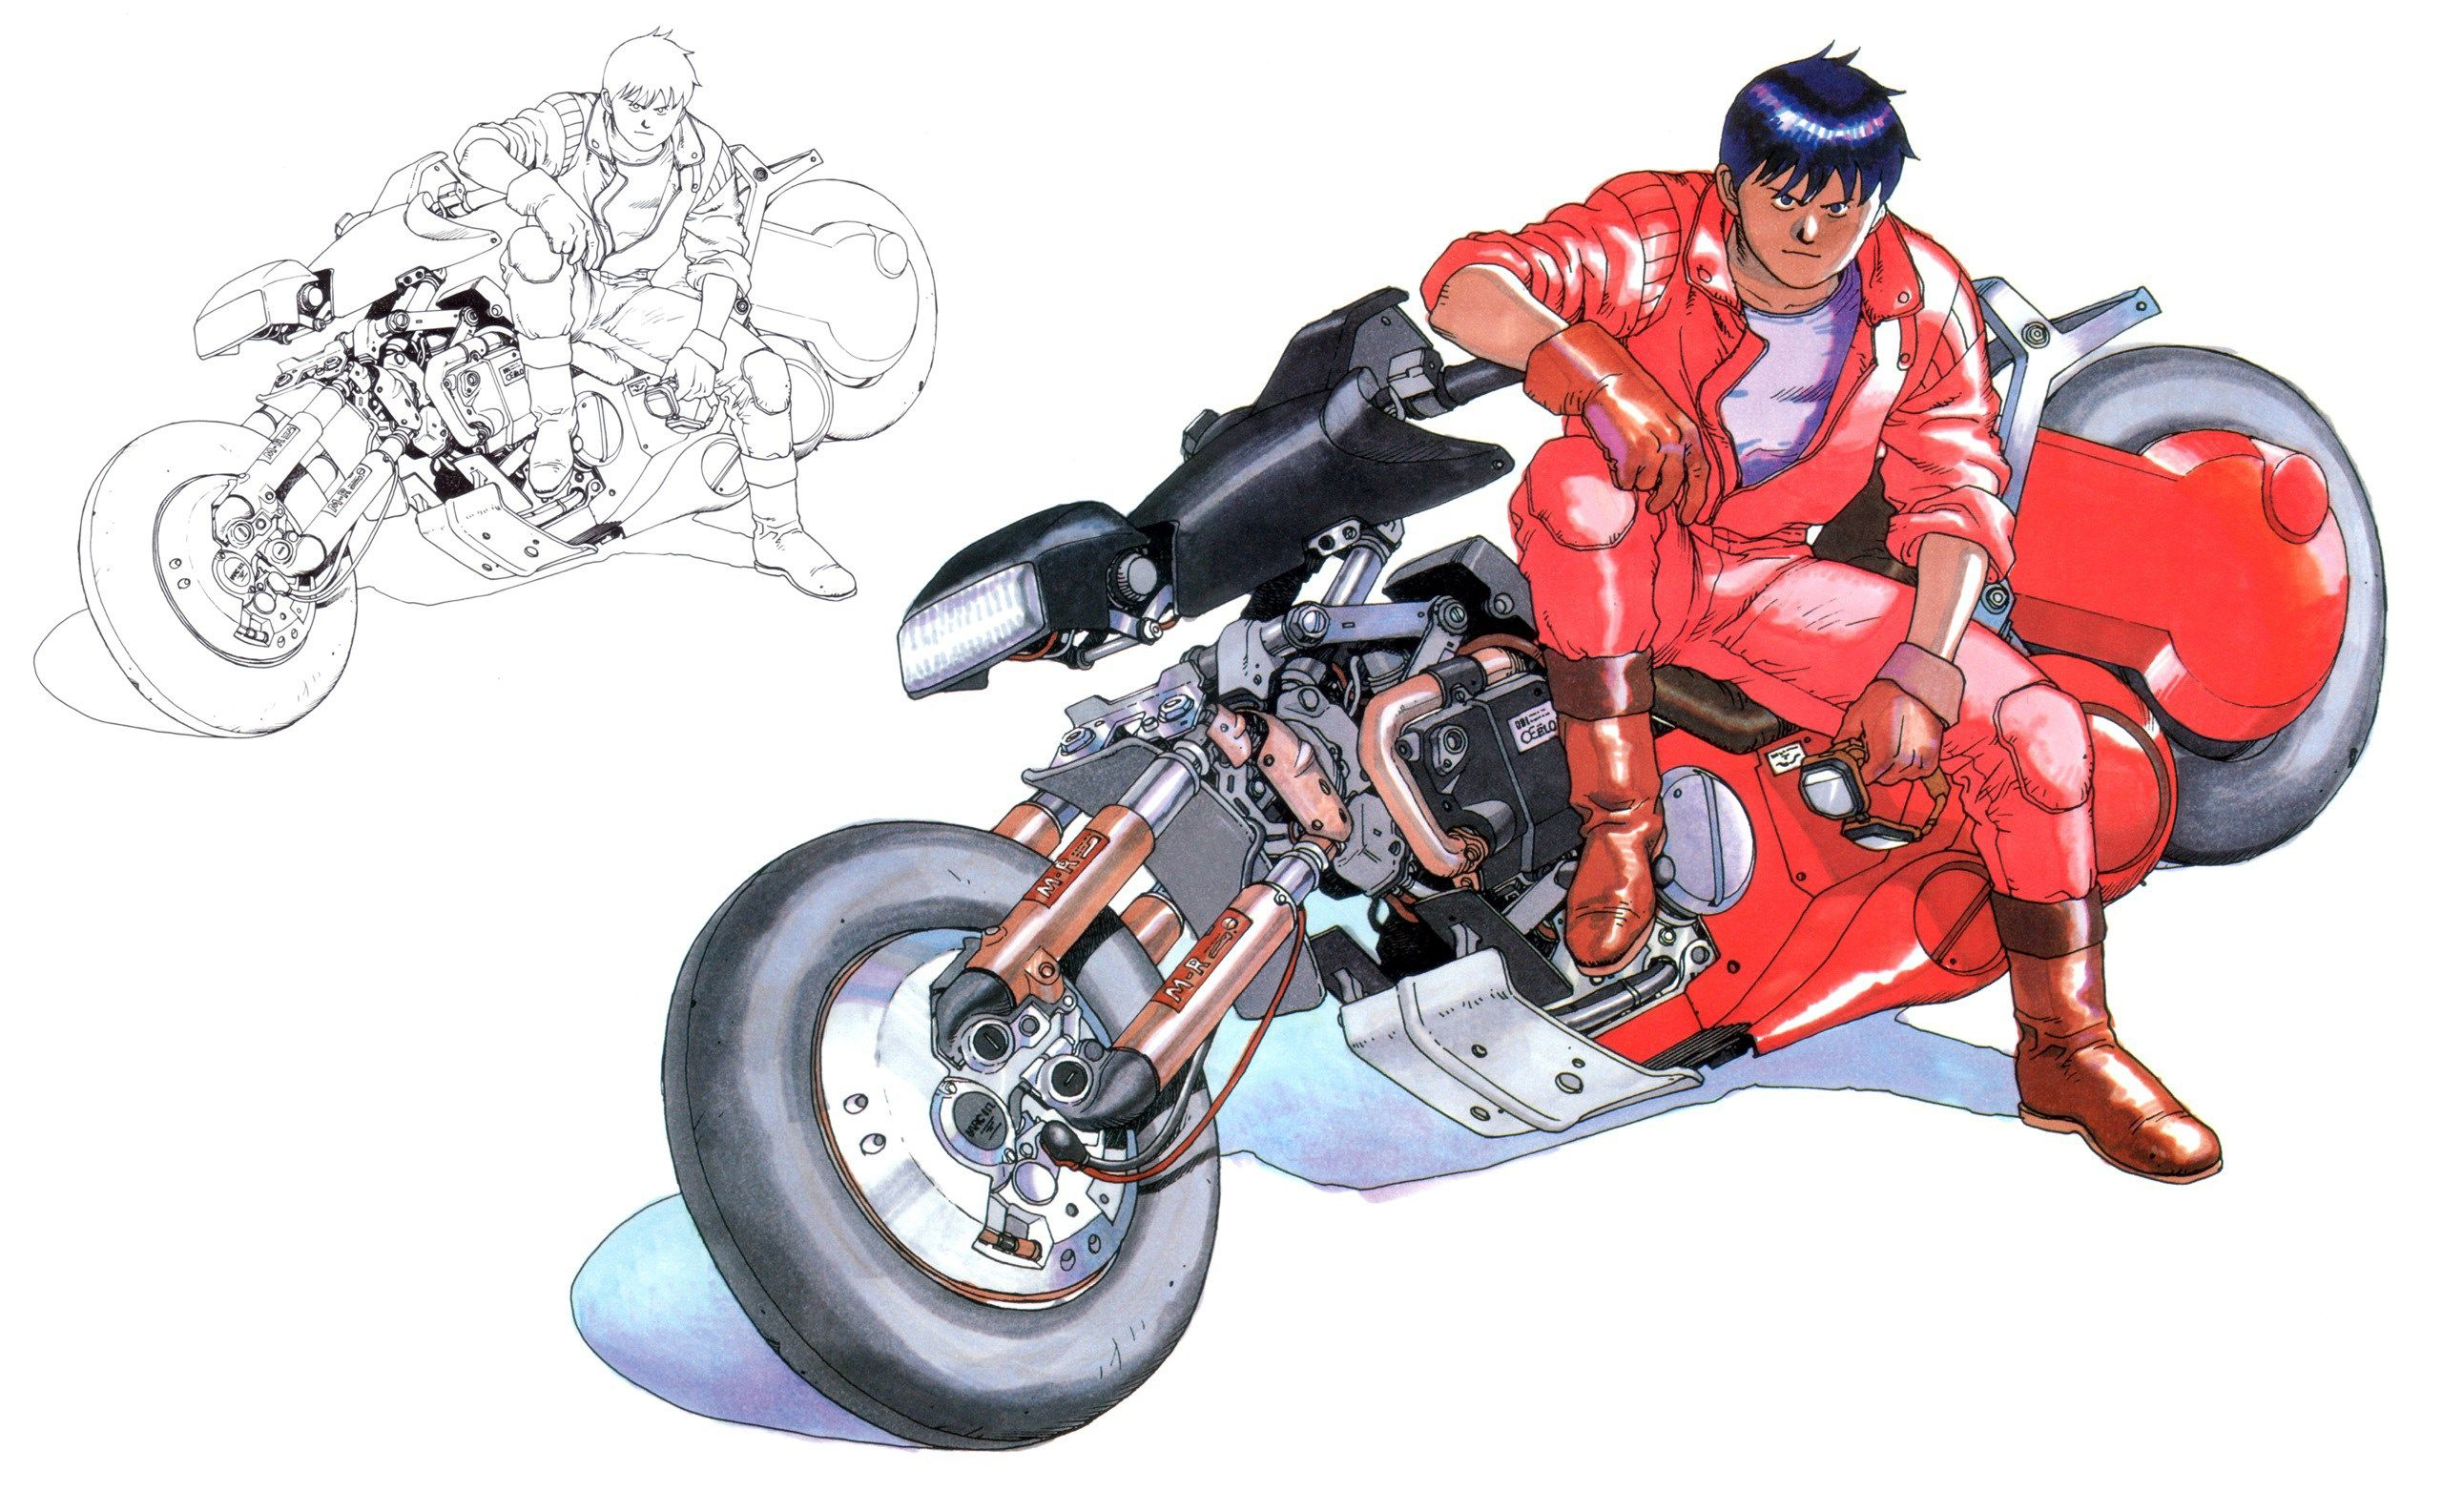 2560x1585 Hd Wallpaper Akira With Images Akira Anime Akira